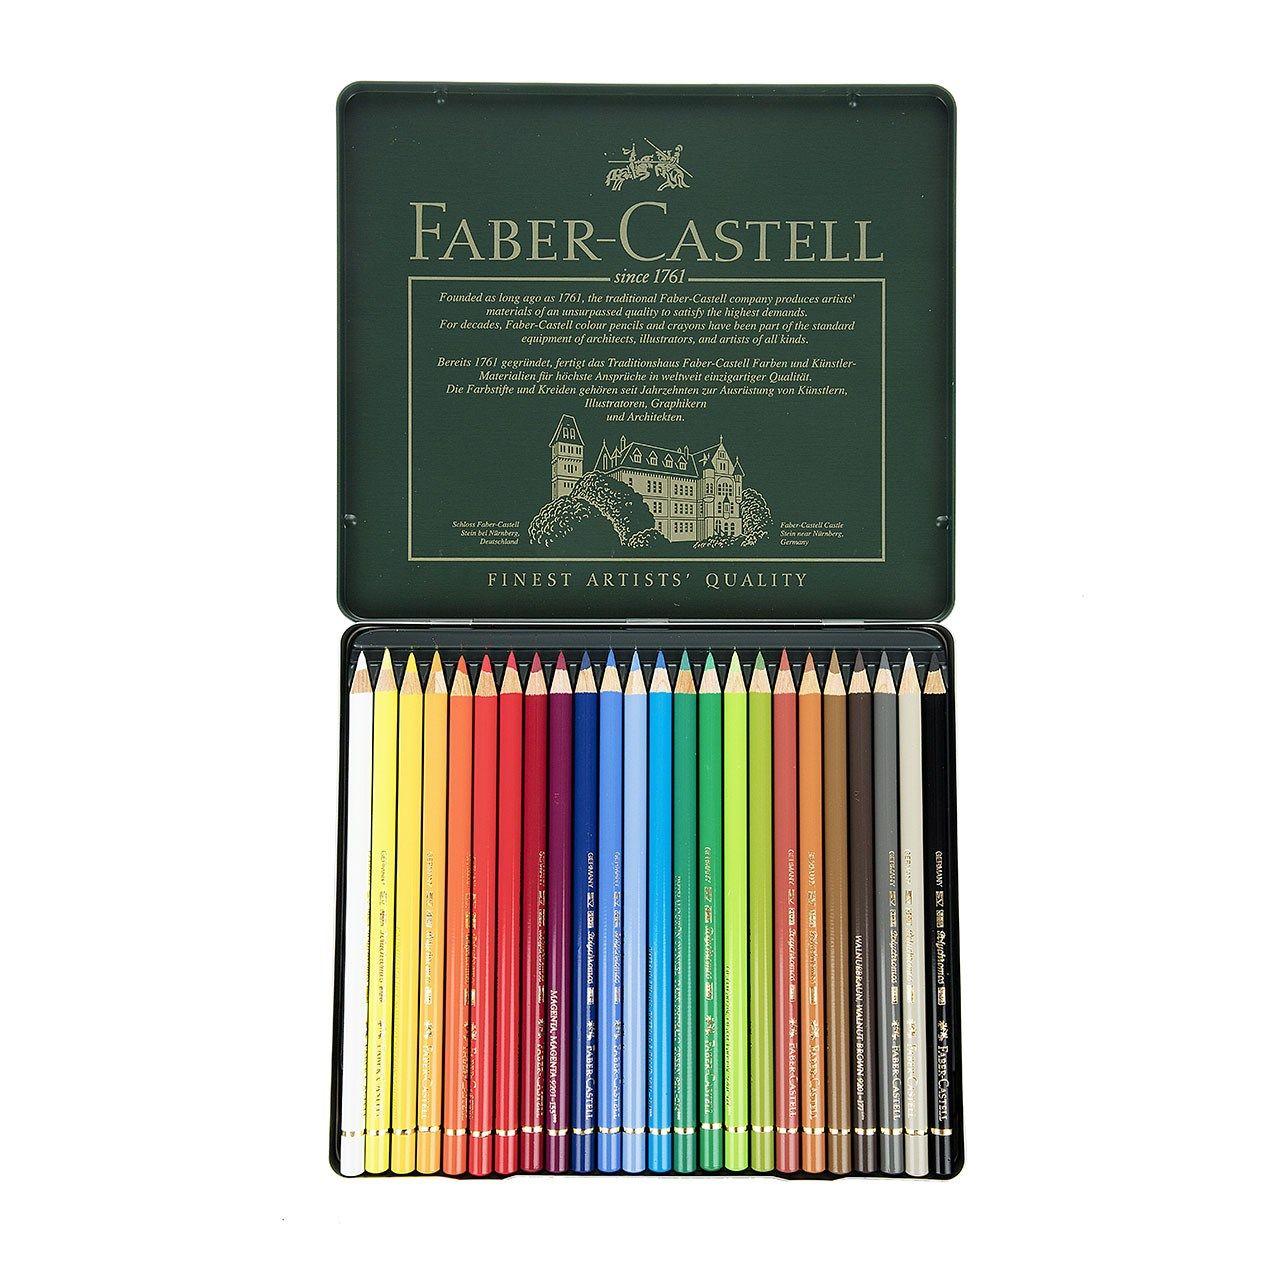 مداد رنگی 24 رنگ فابر کاستل مدل Polychromos main 1 2